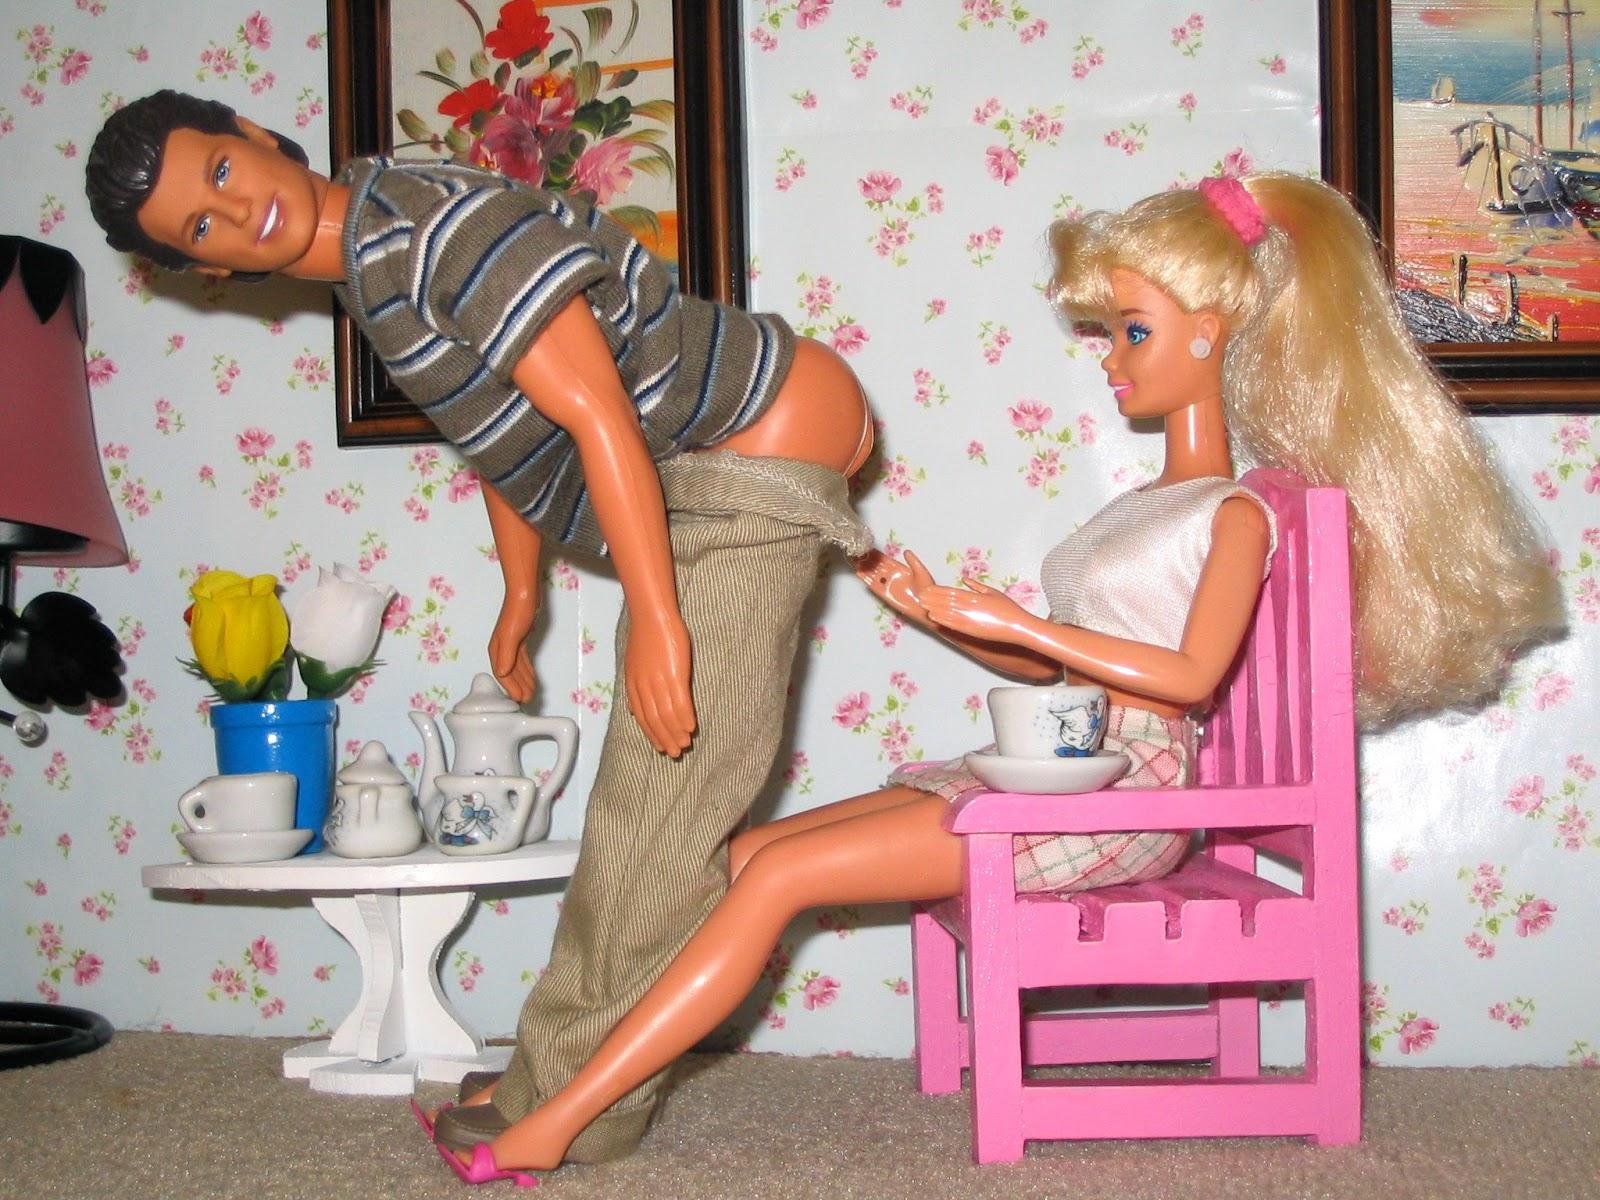 Секс с барби и кенам 5 фотография